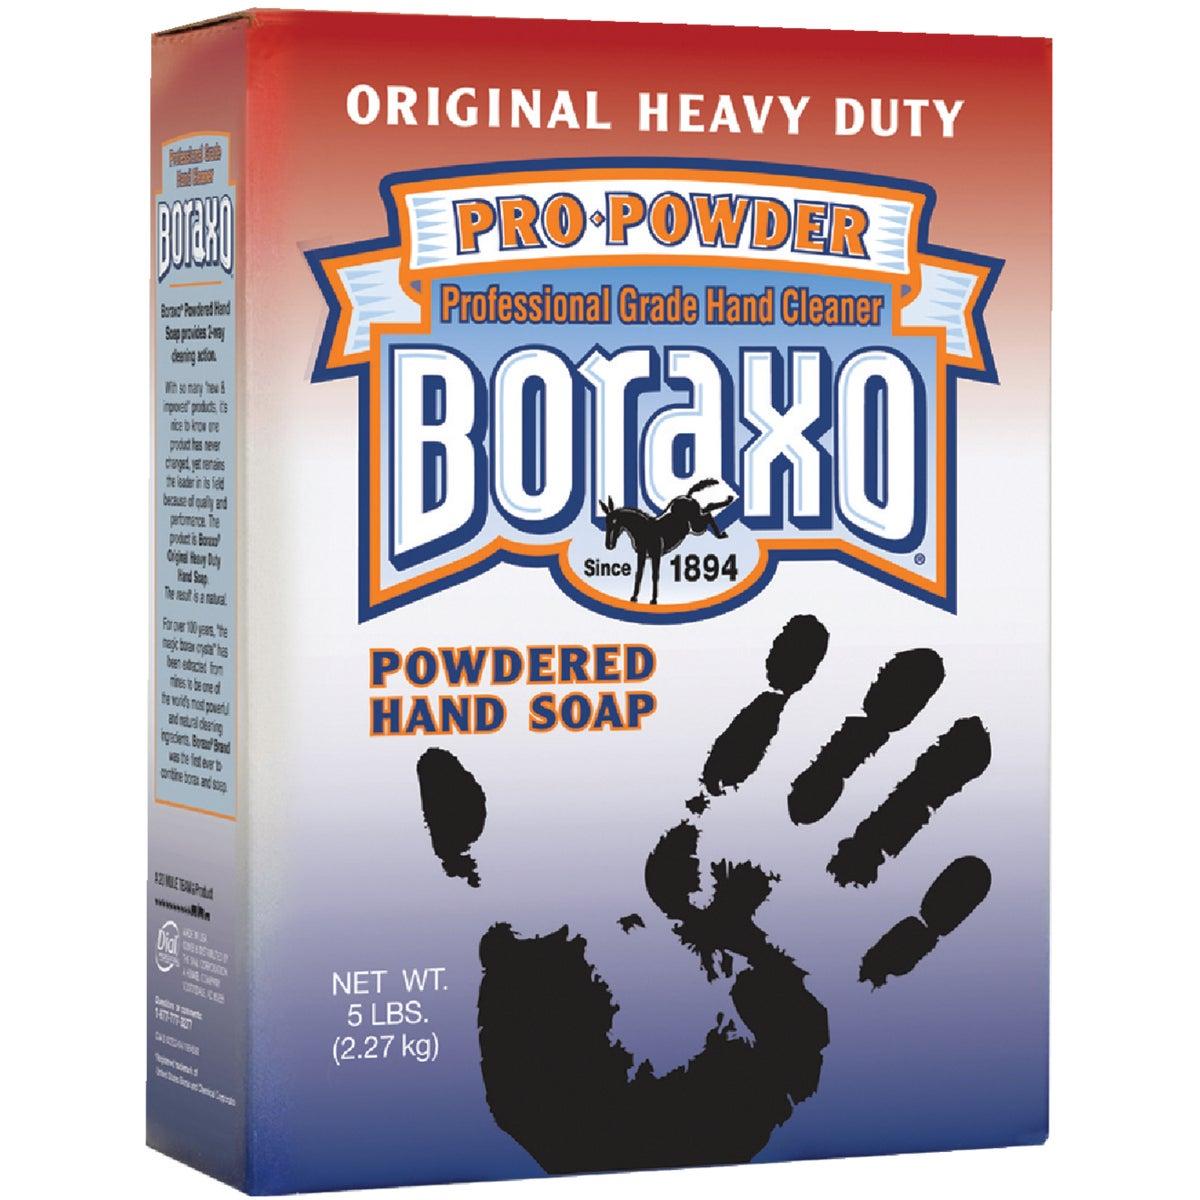 BORAXO HAND SOAP